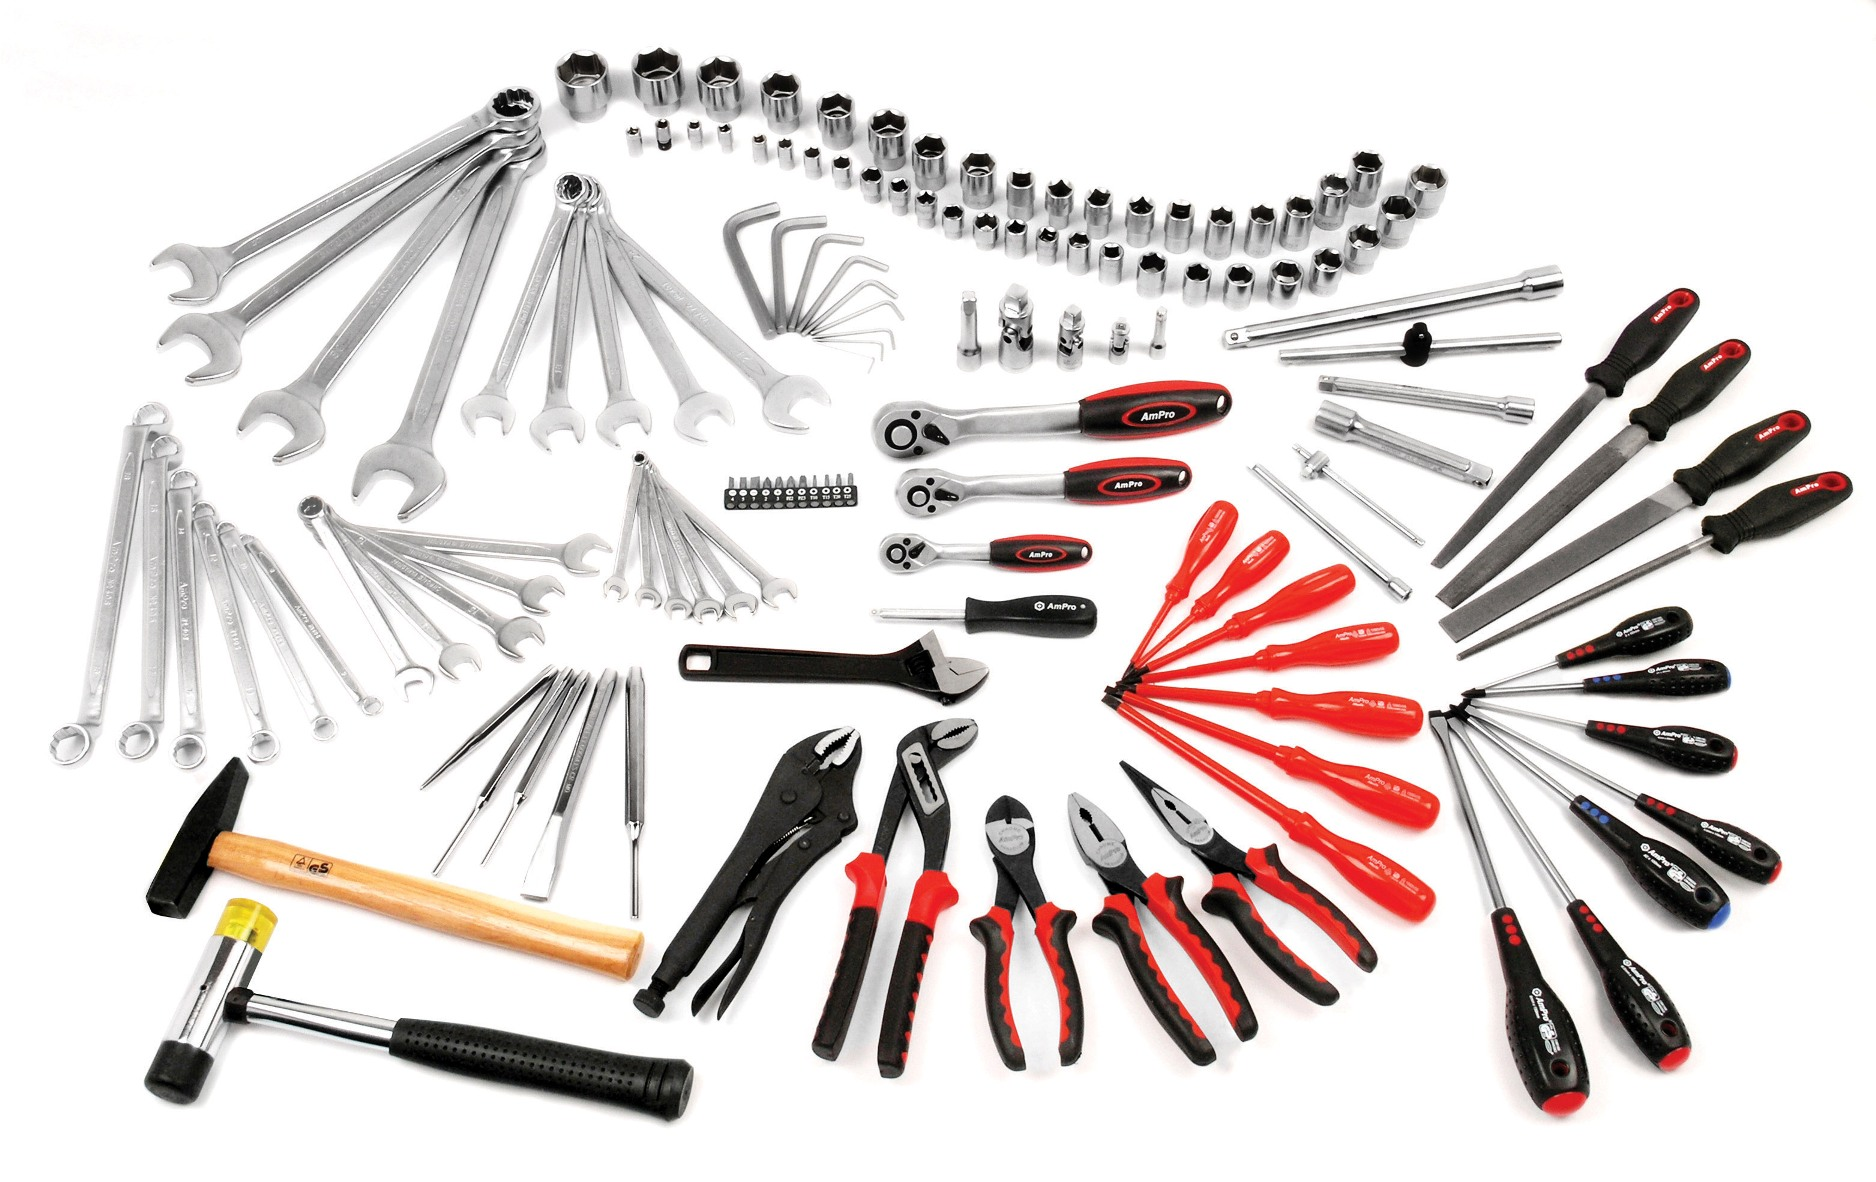 Собираешься заняться ремонтом? В Photopoint ты найдешь необходимые инструменты по скидке